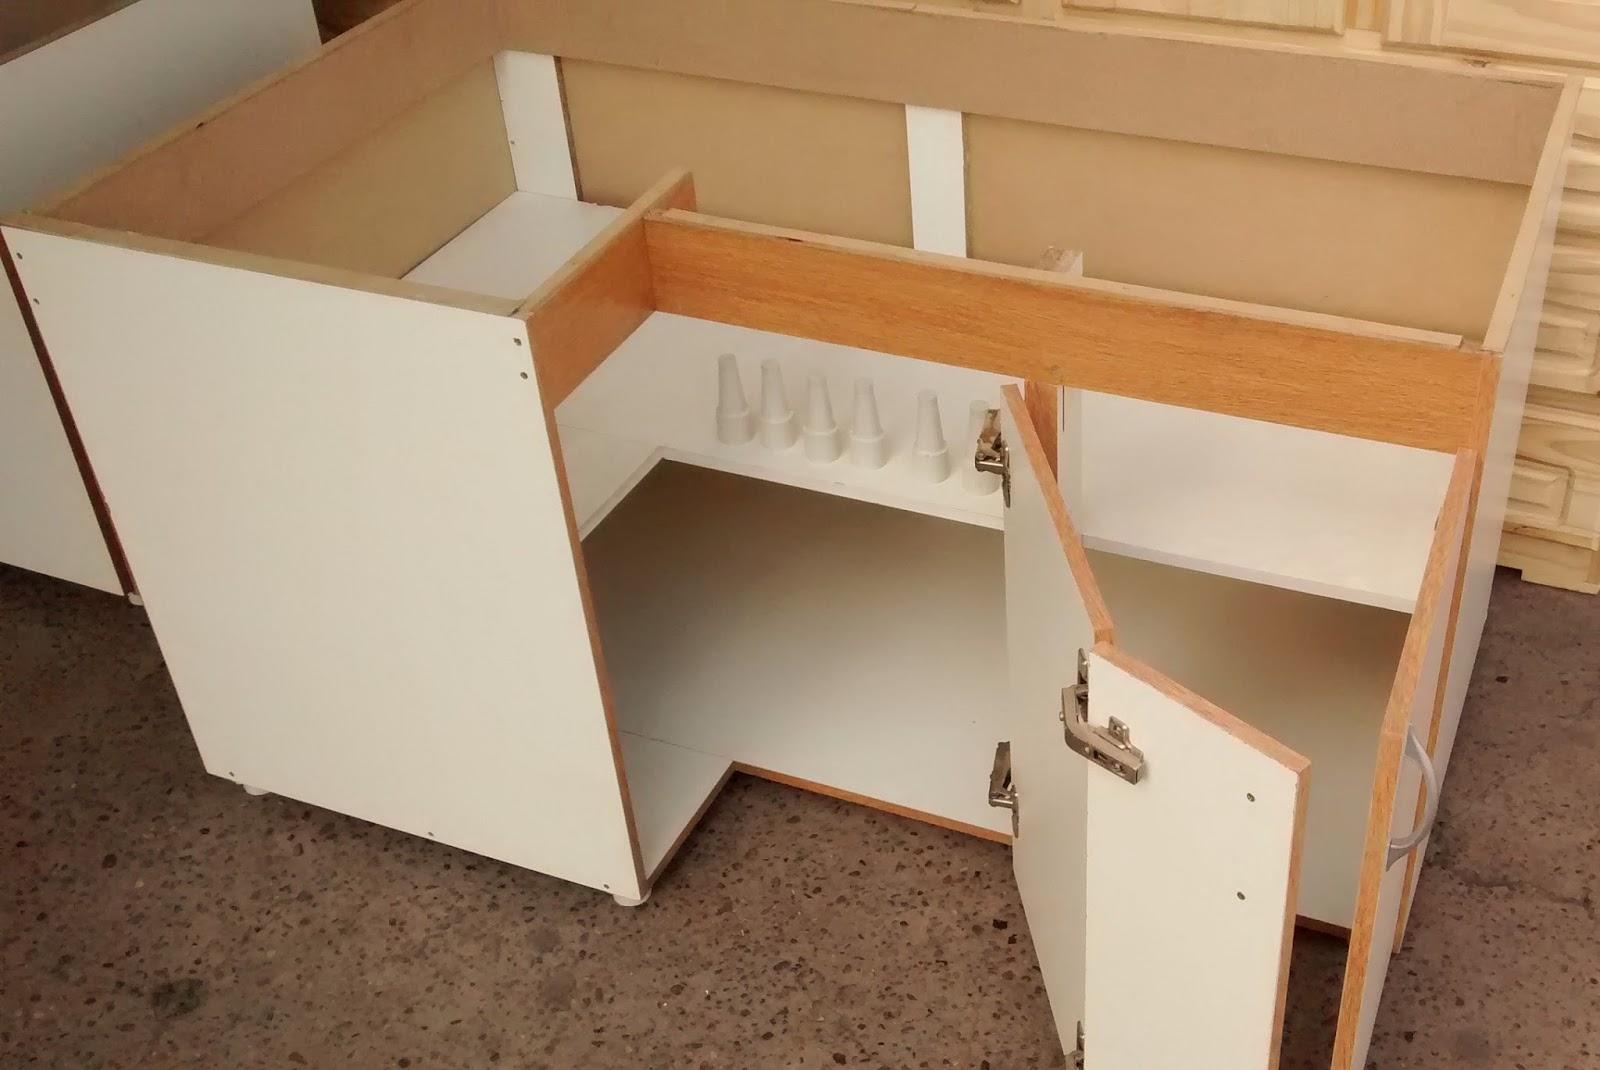 Pichon muebles bajo mesada y alacena melamina blanca for Planos de bajo mesada